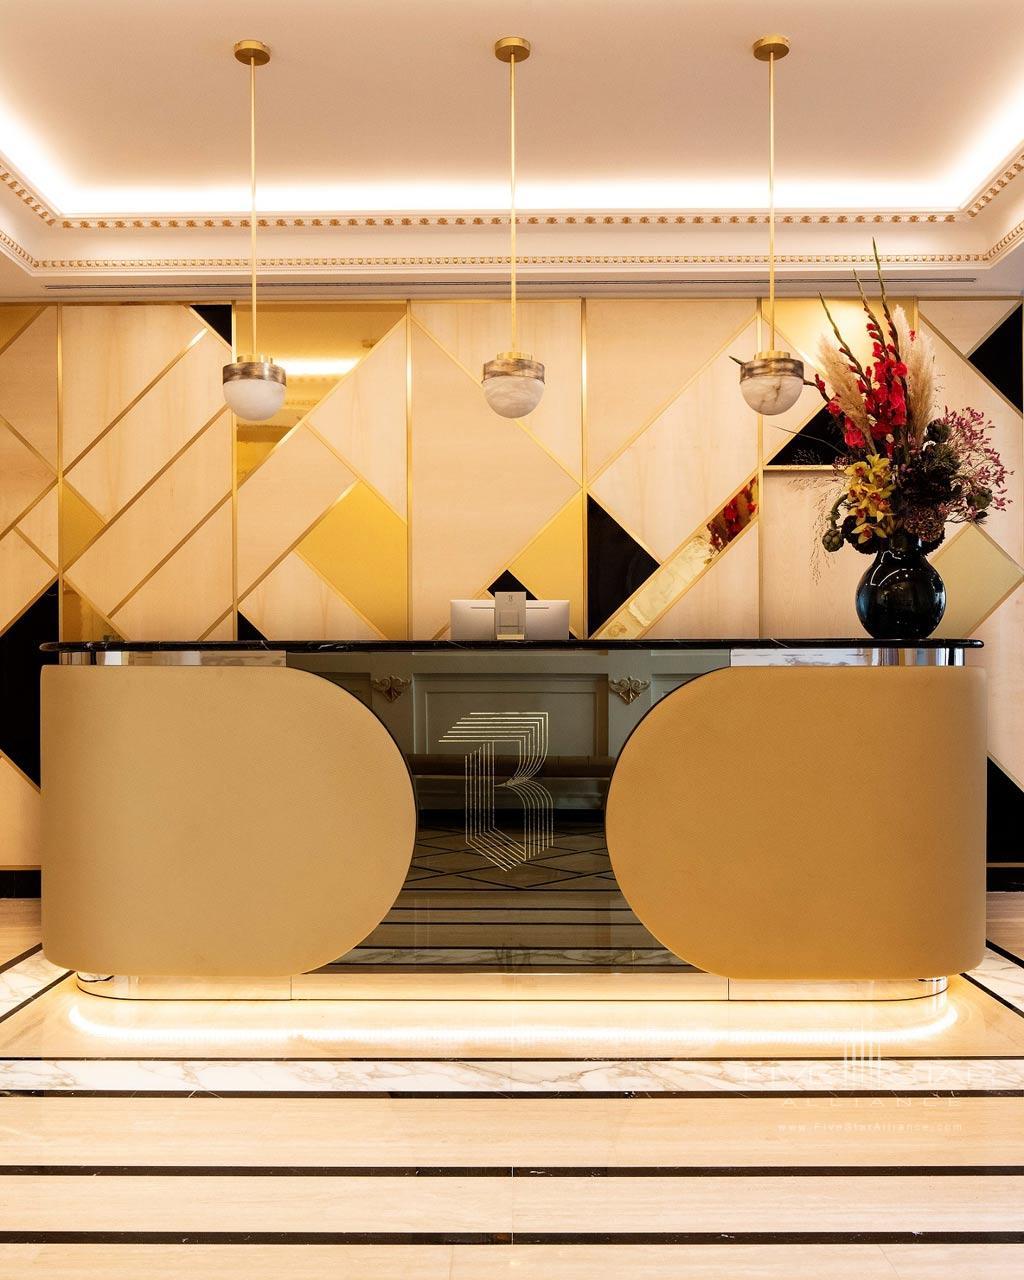 Recetion at Hotel Bowmann, Paris, France